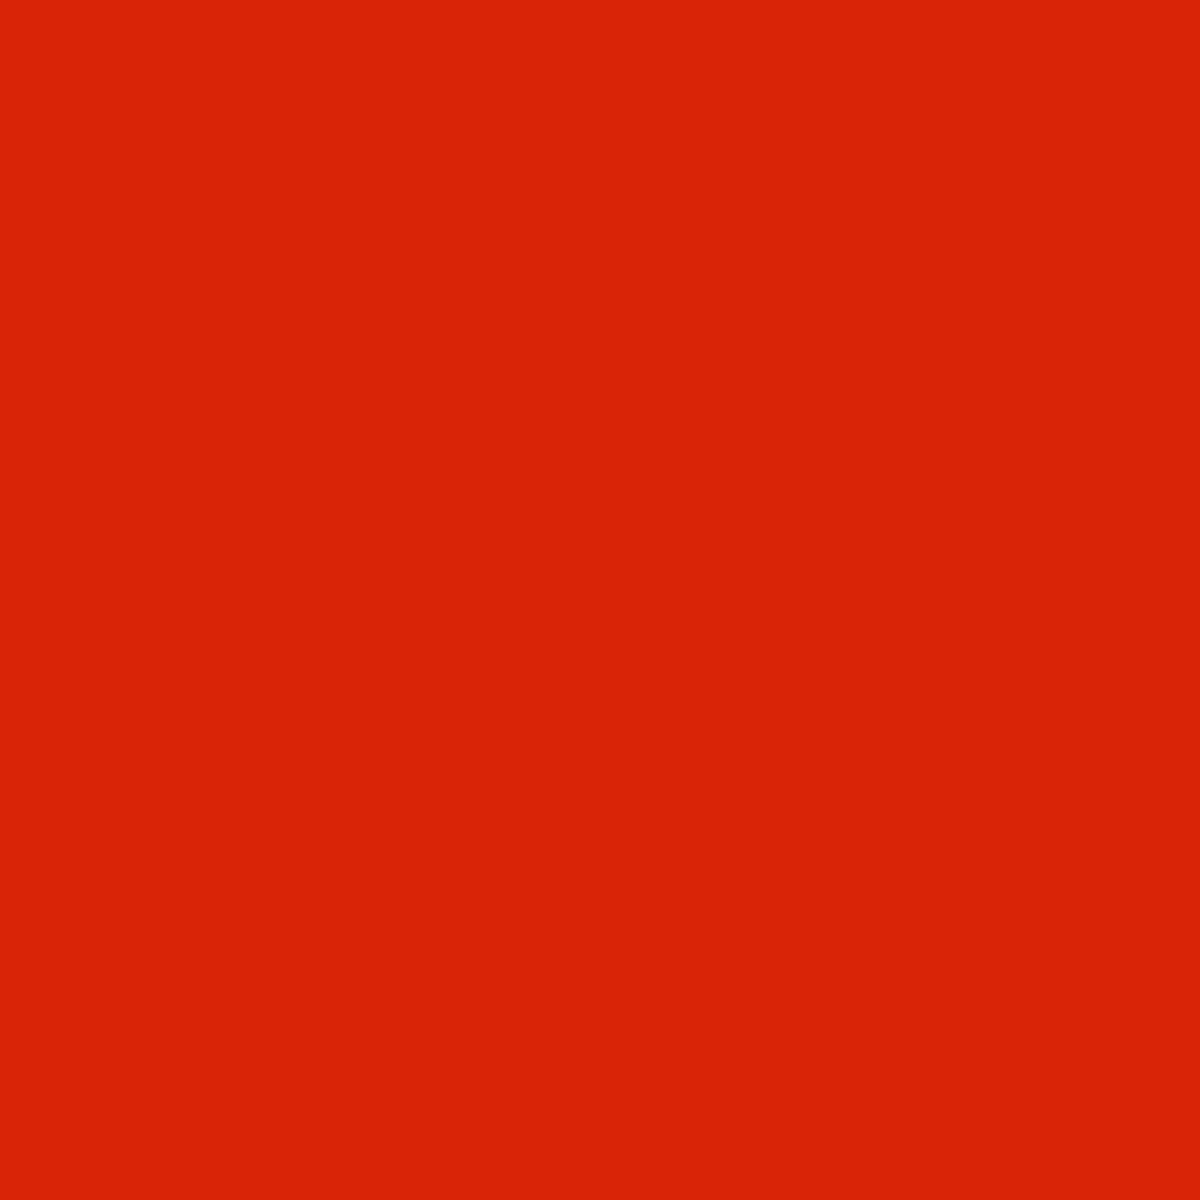 Drape; Red Velveteen 4.2m x 1.5m